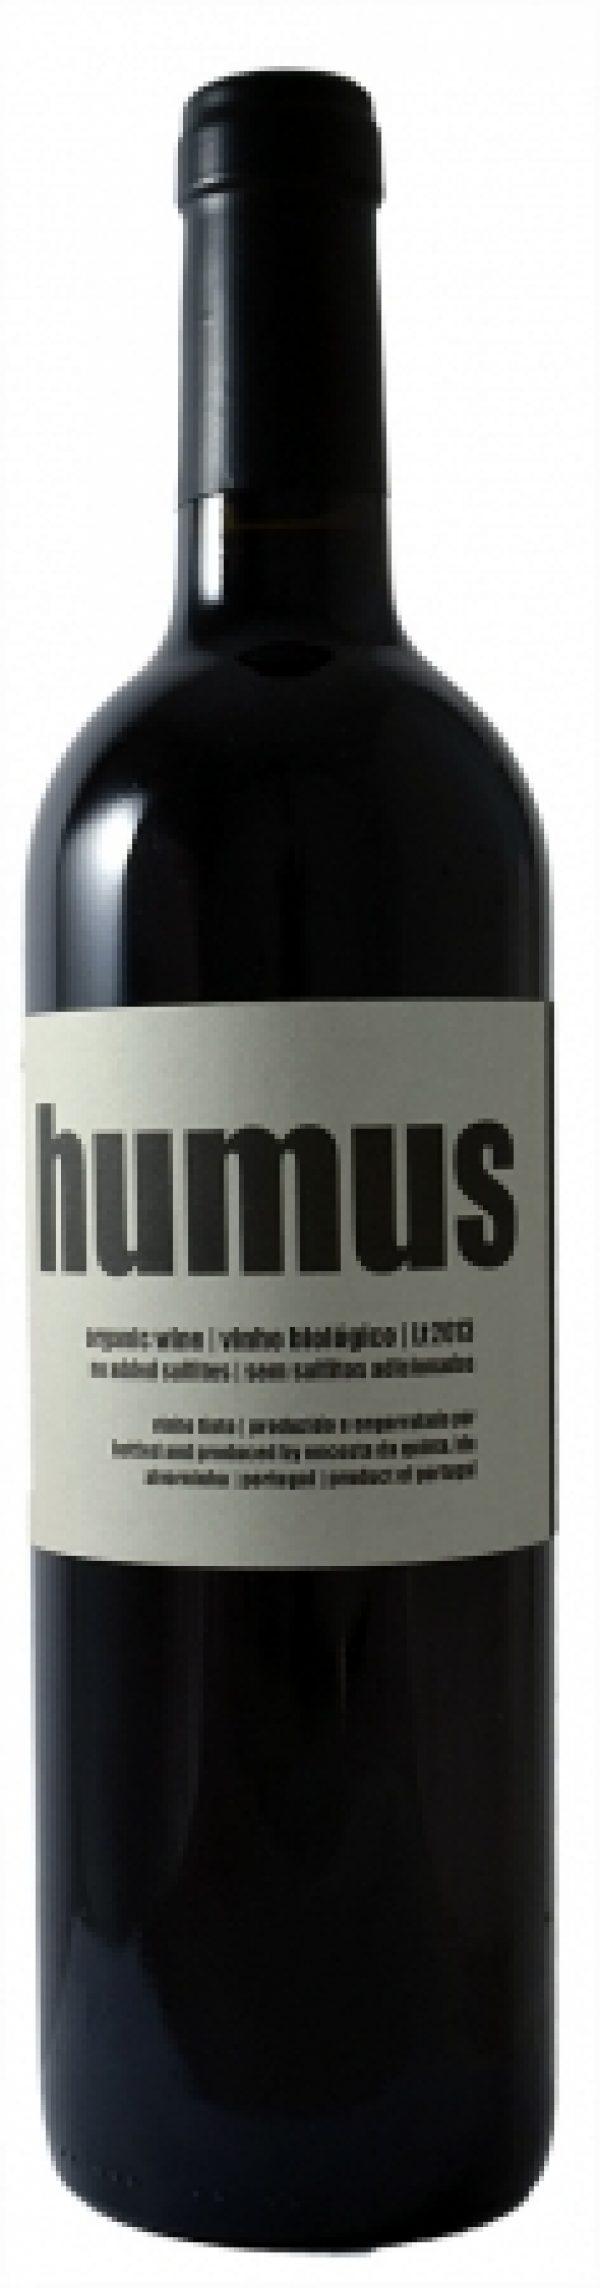 humus tinto